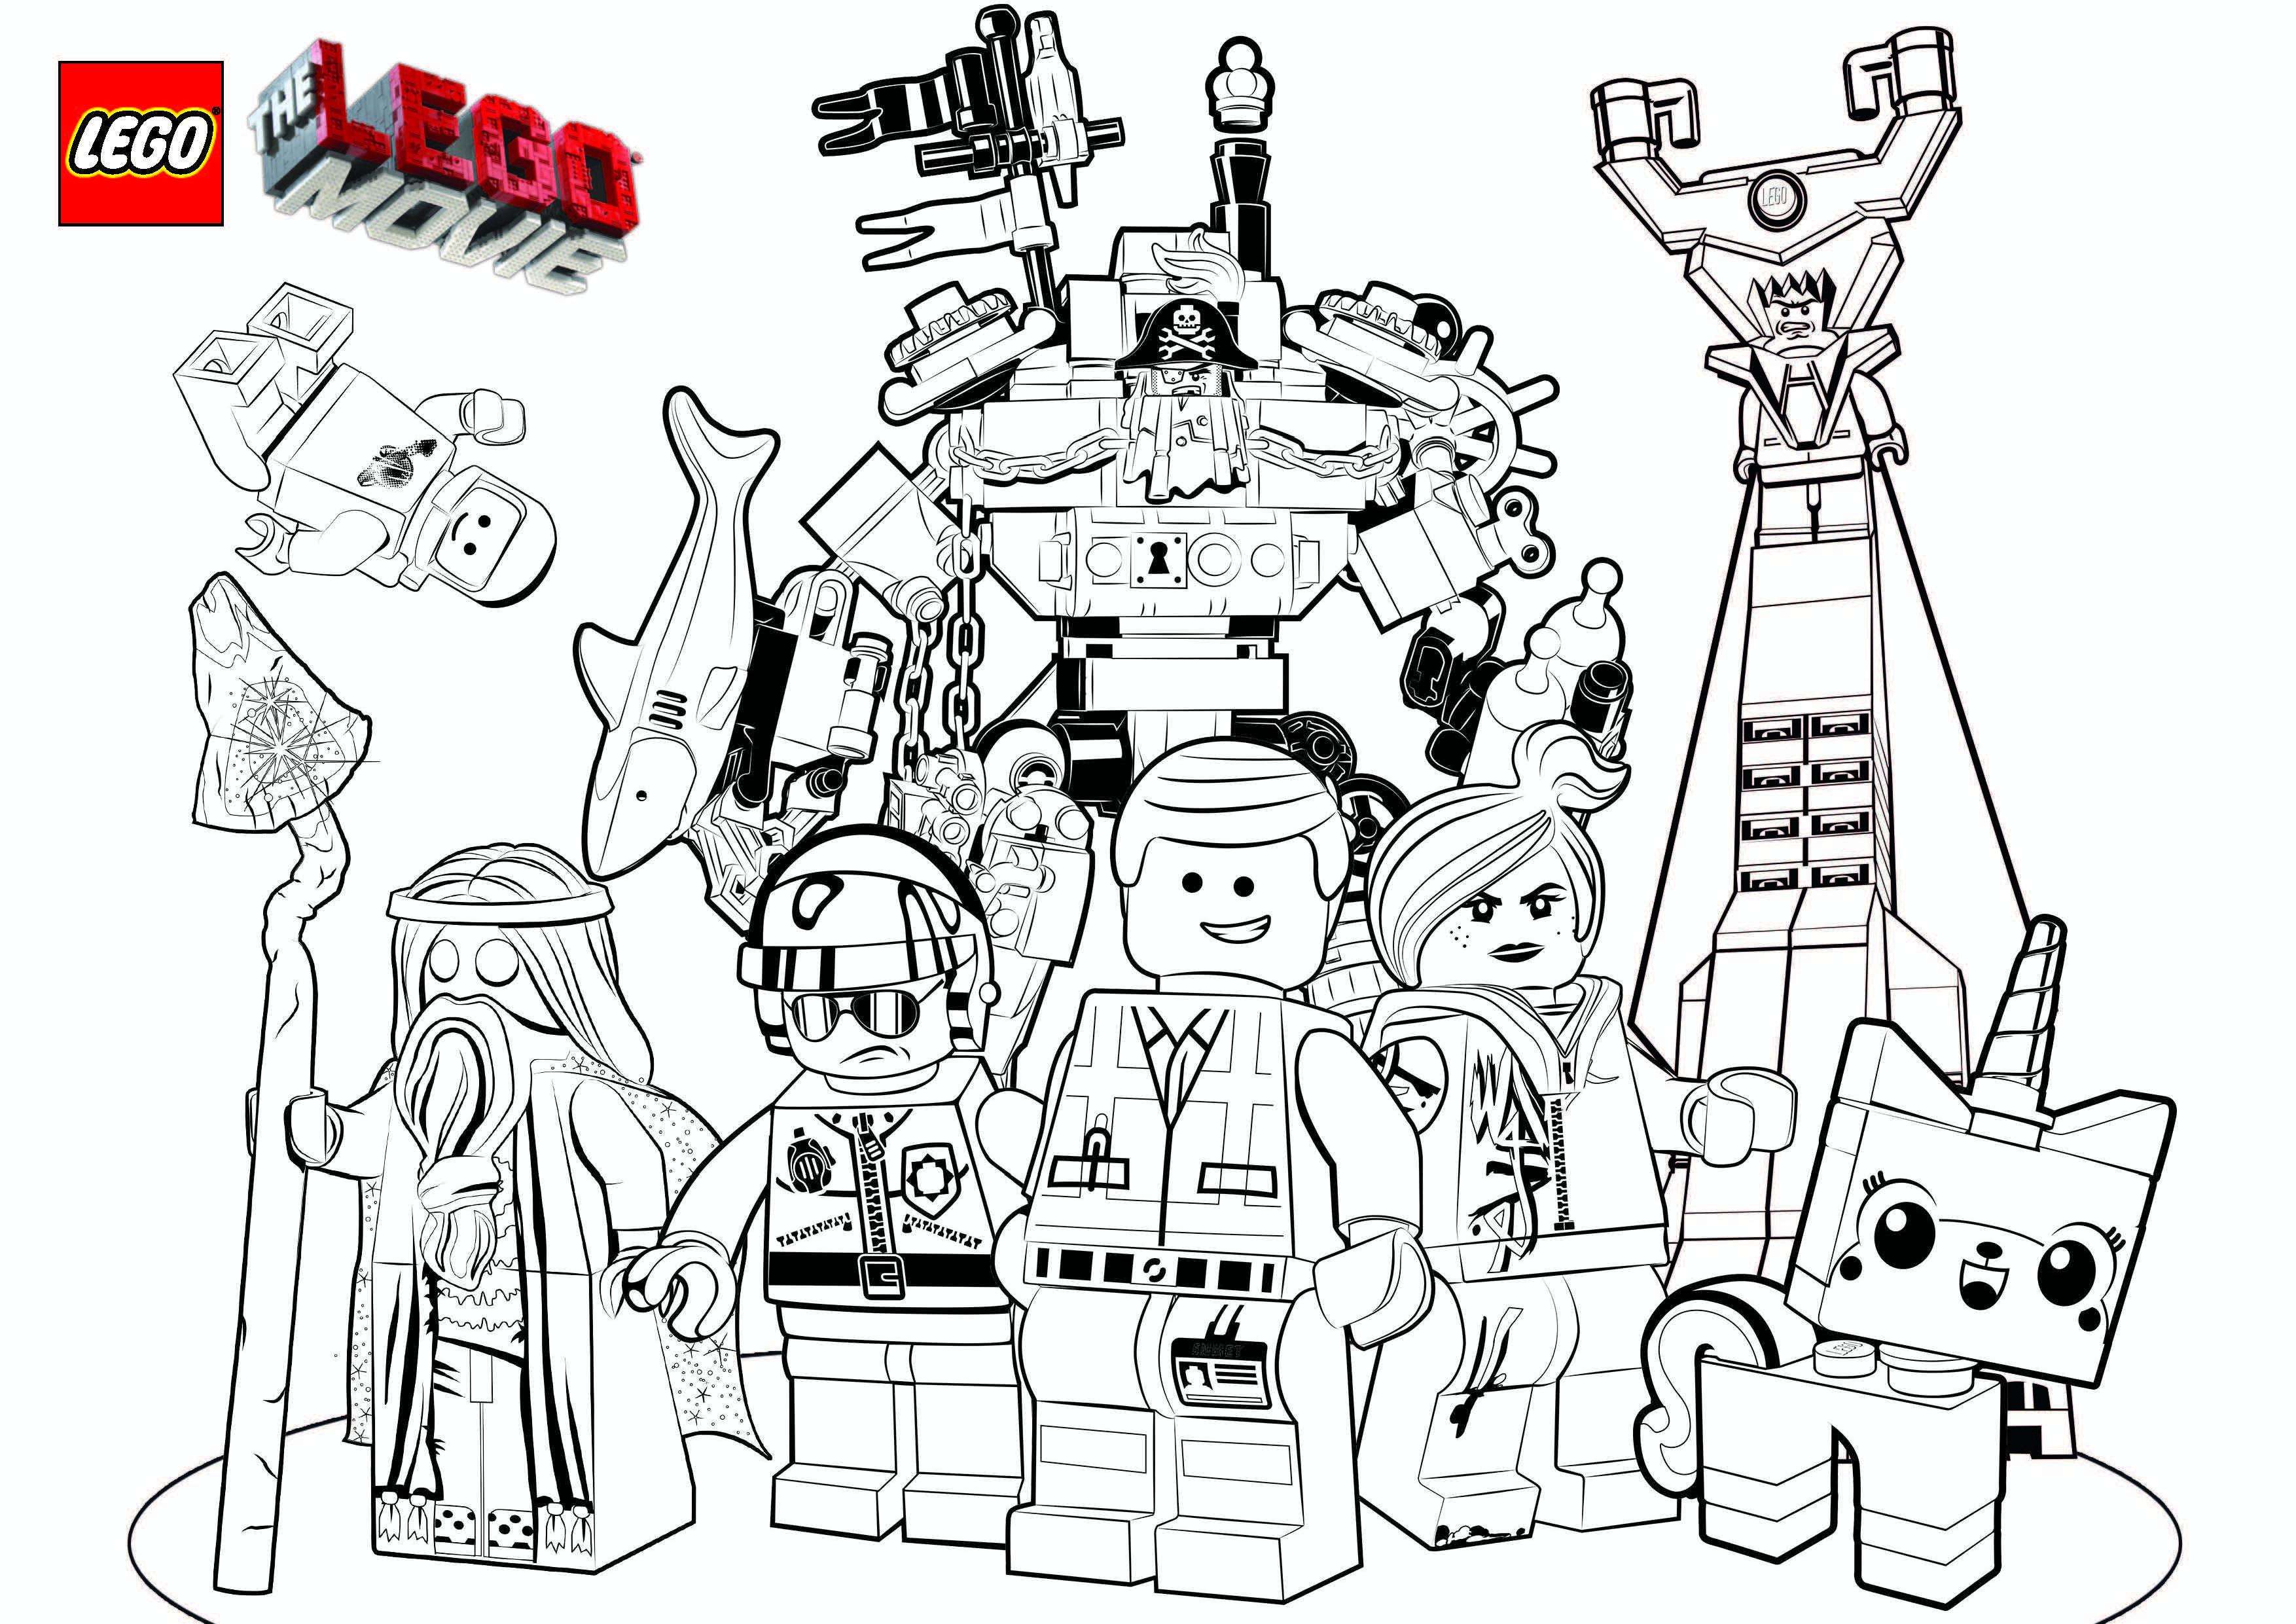 Ausmalbilder Lego Ninjago Malvorlagen Kostenlos Zum Ausdrucken Schön